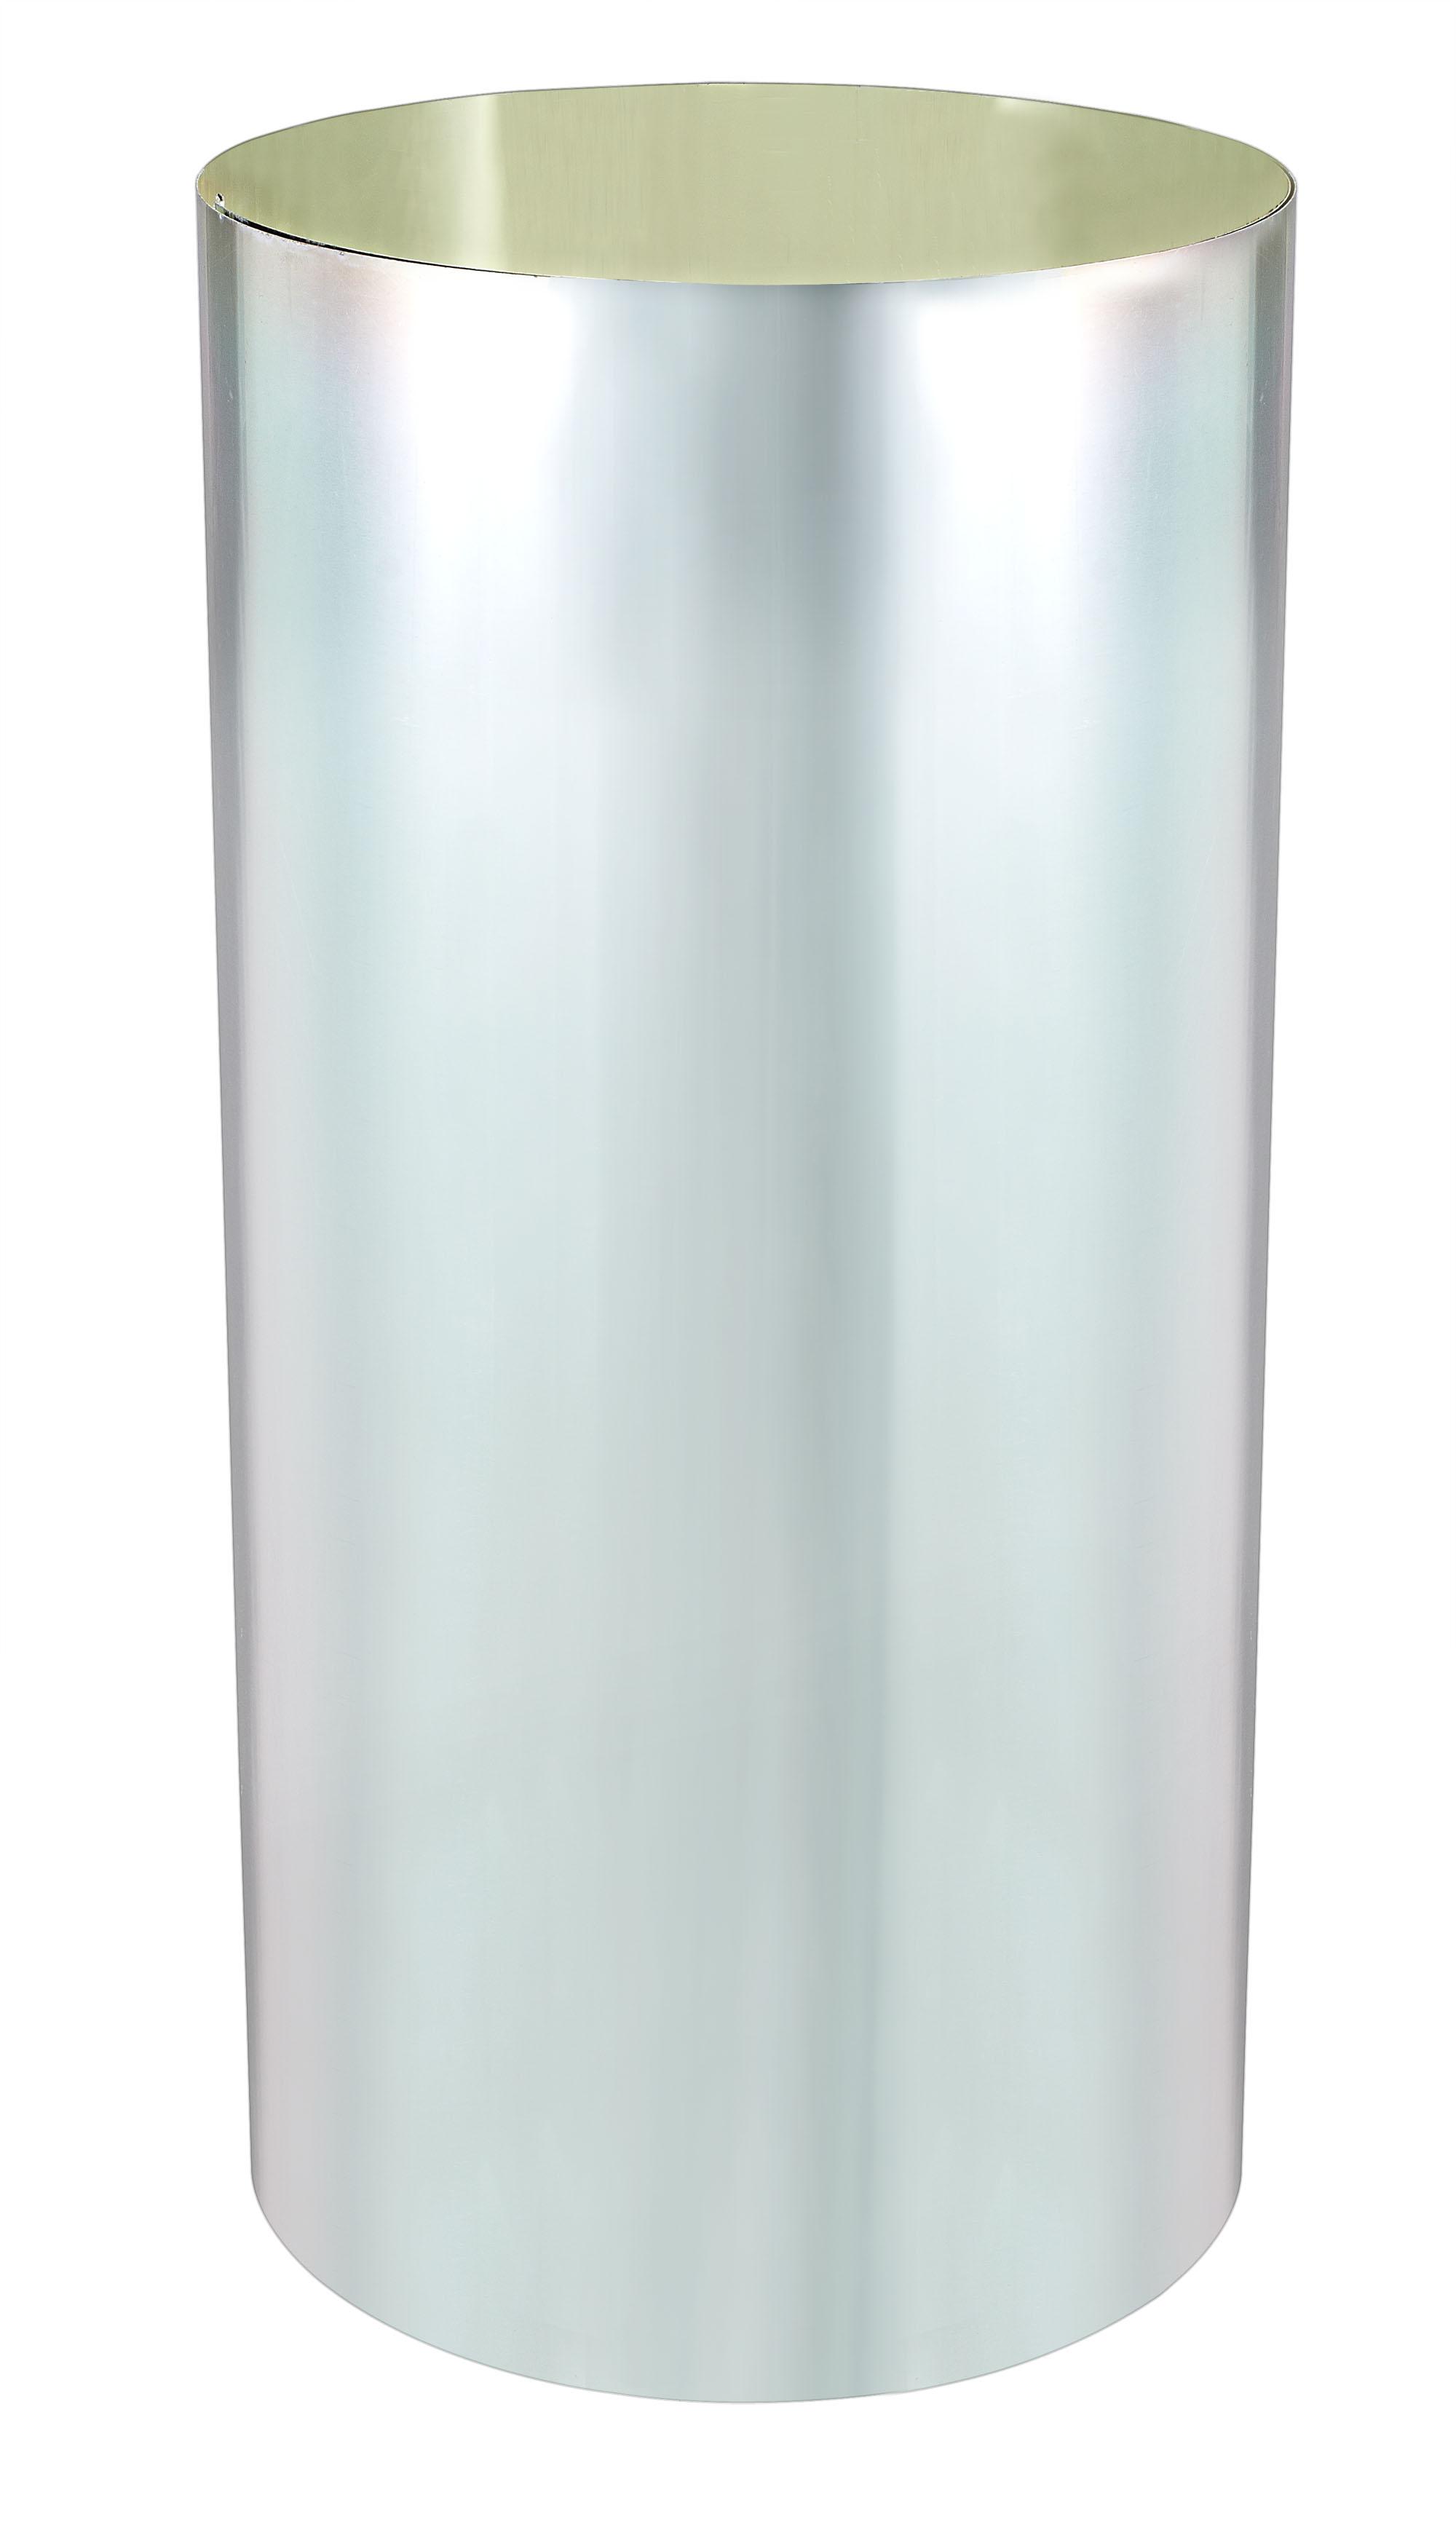 光导管-光导照明系统